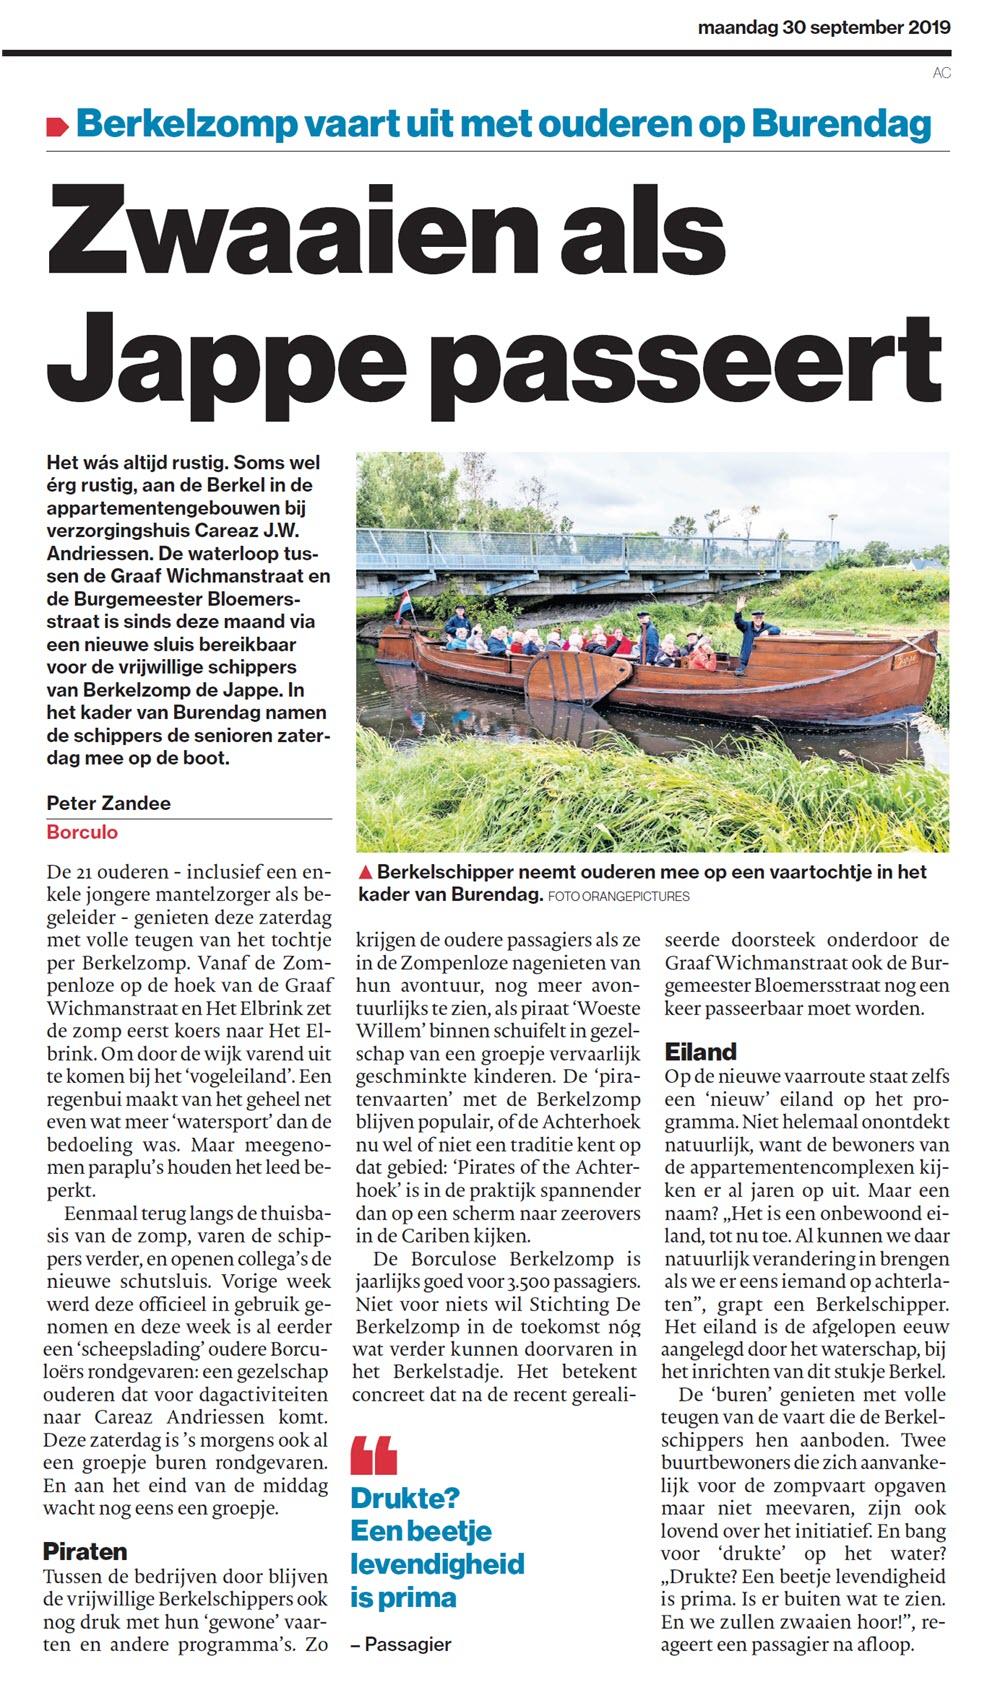 Tubantia: Zwaaien als Jappe passeert